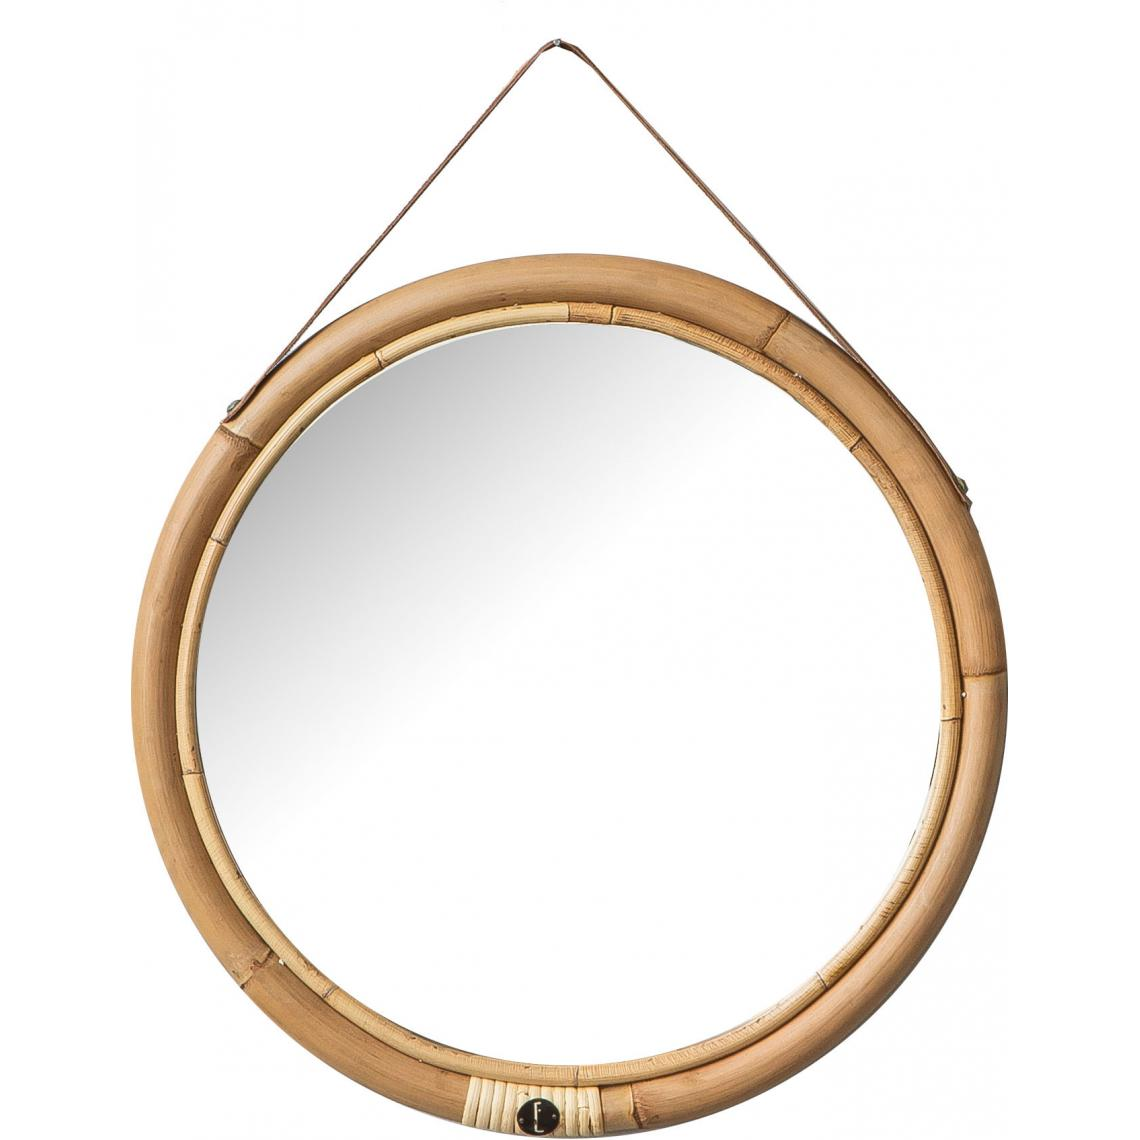 miroir rond o42 cadre en rotin et sangle en cuir bolivia